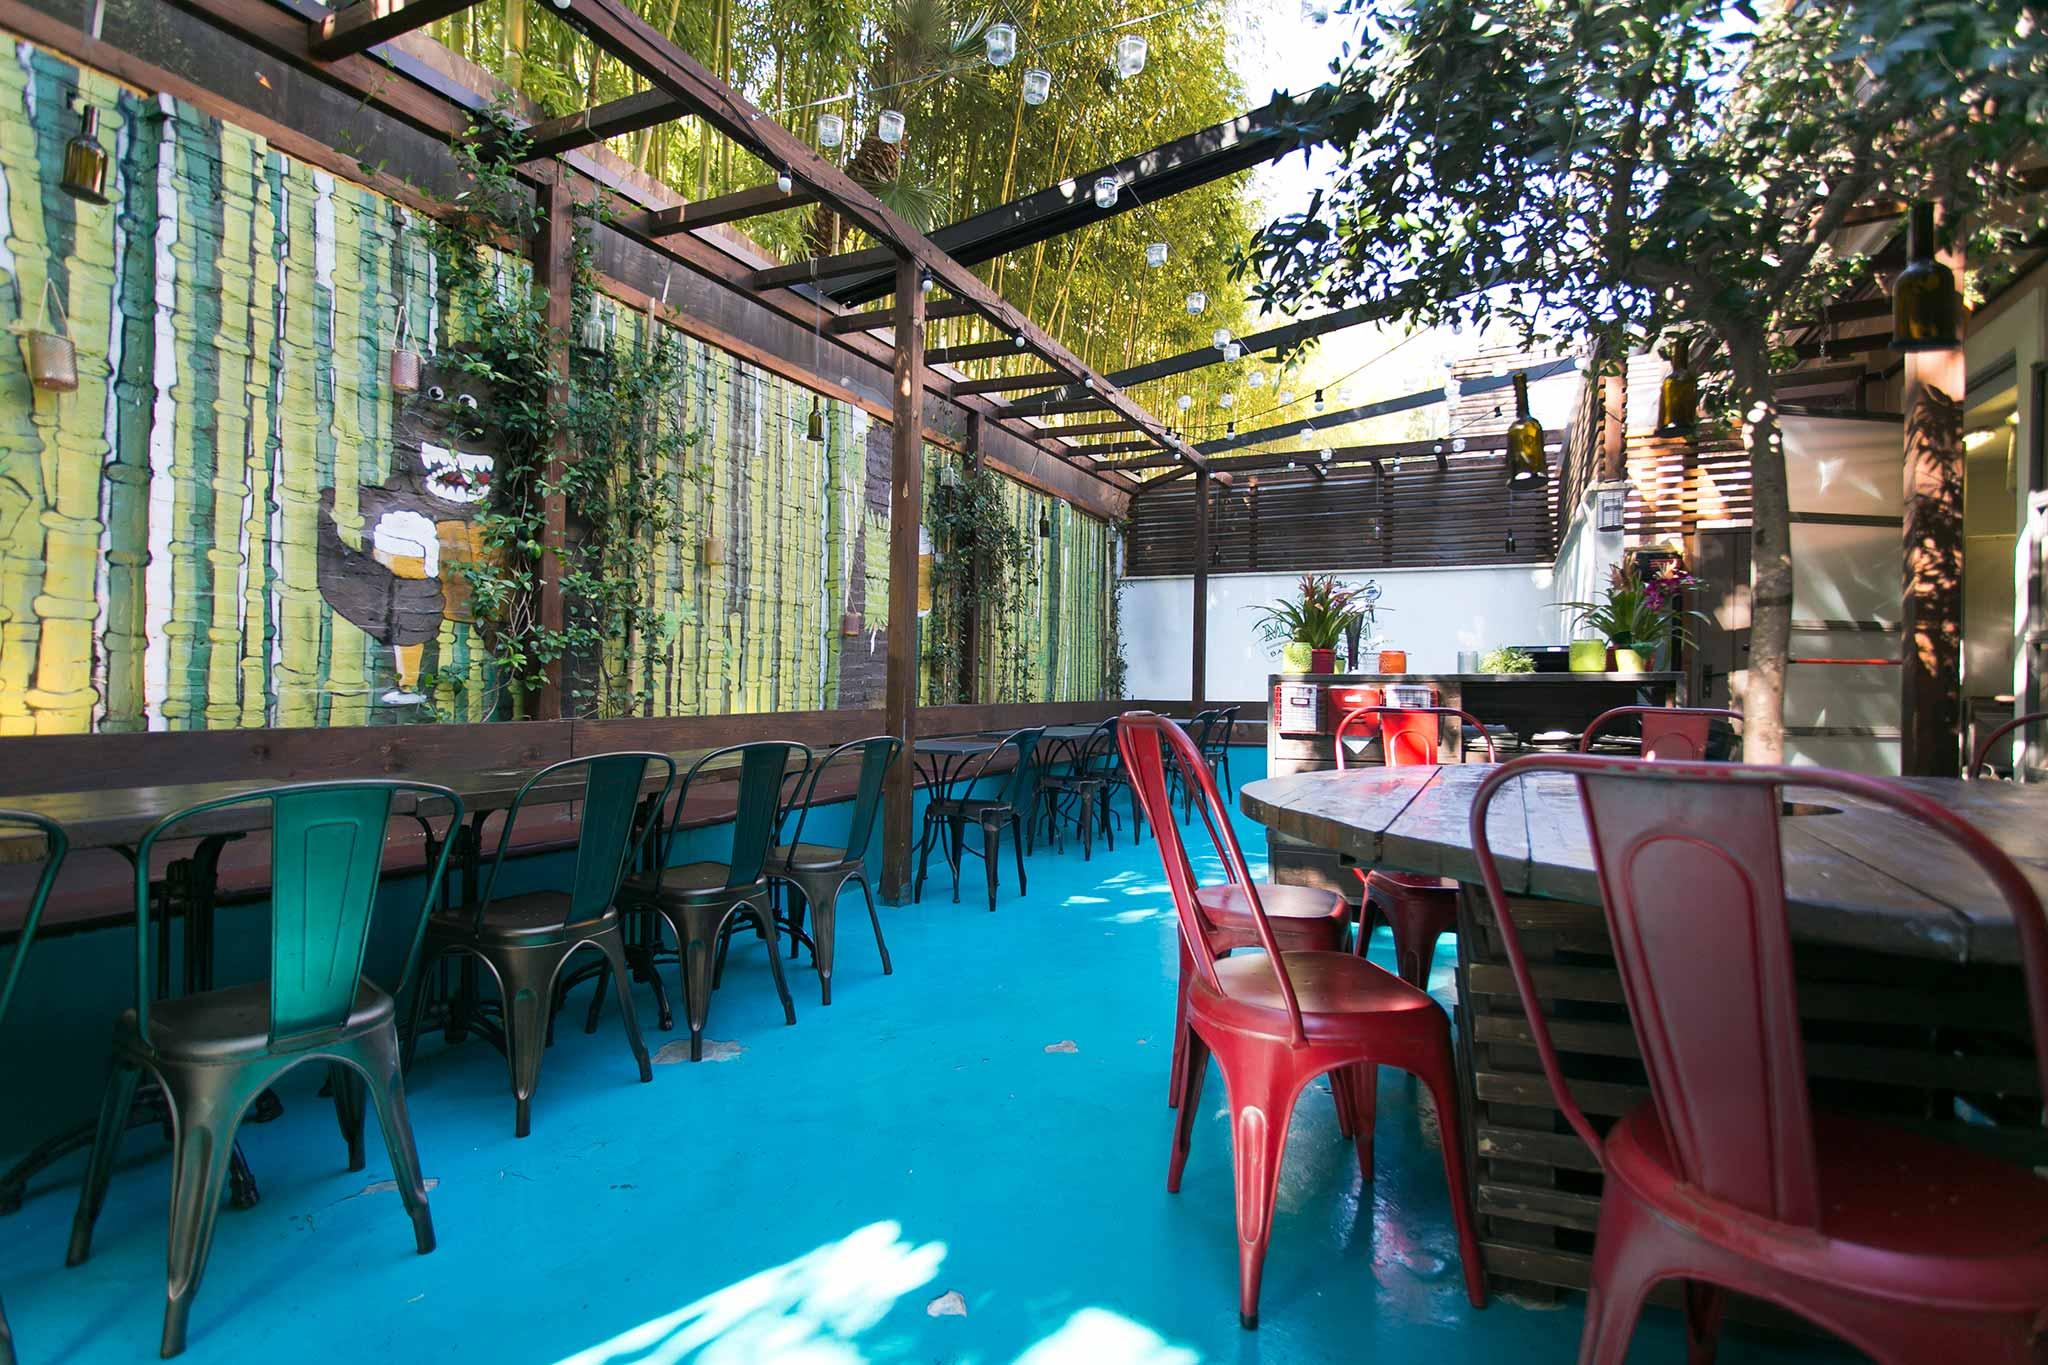 Ristoranti di Roma all'aperto: Queen Makeda Grand Pub